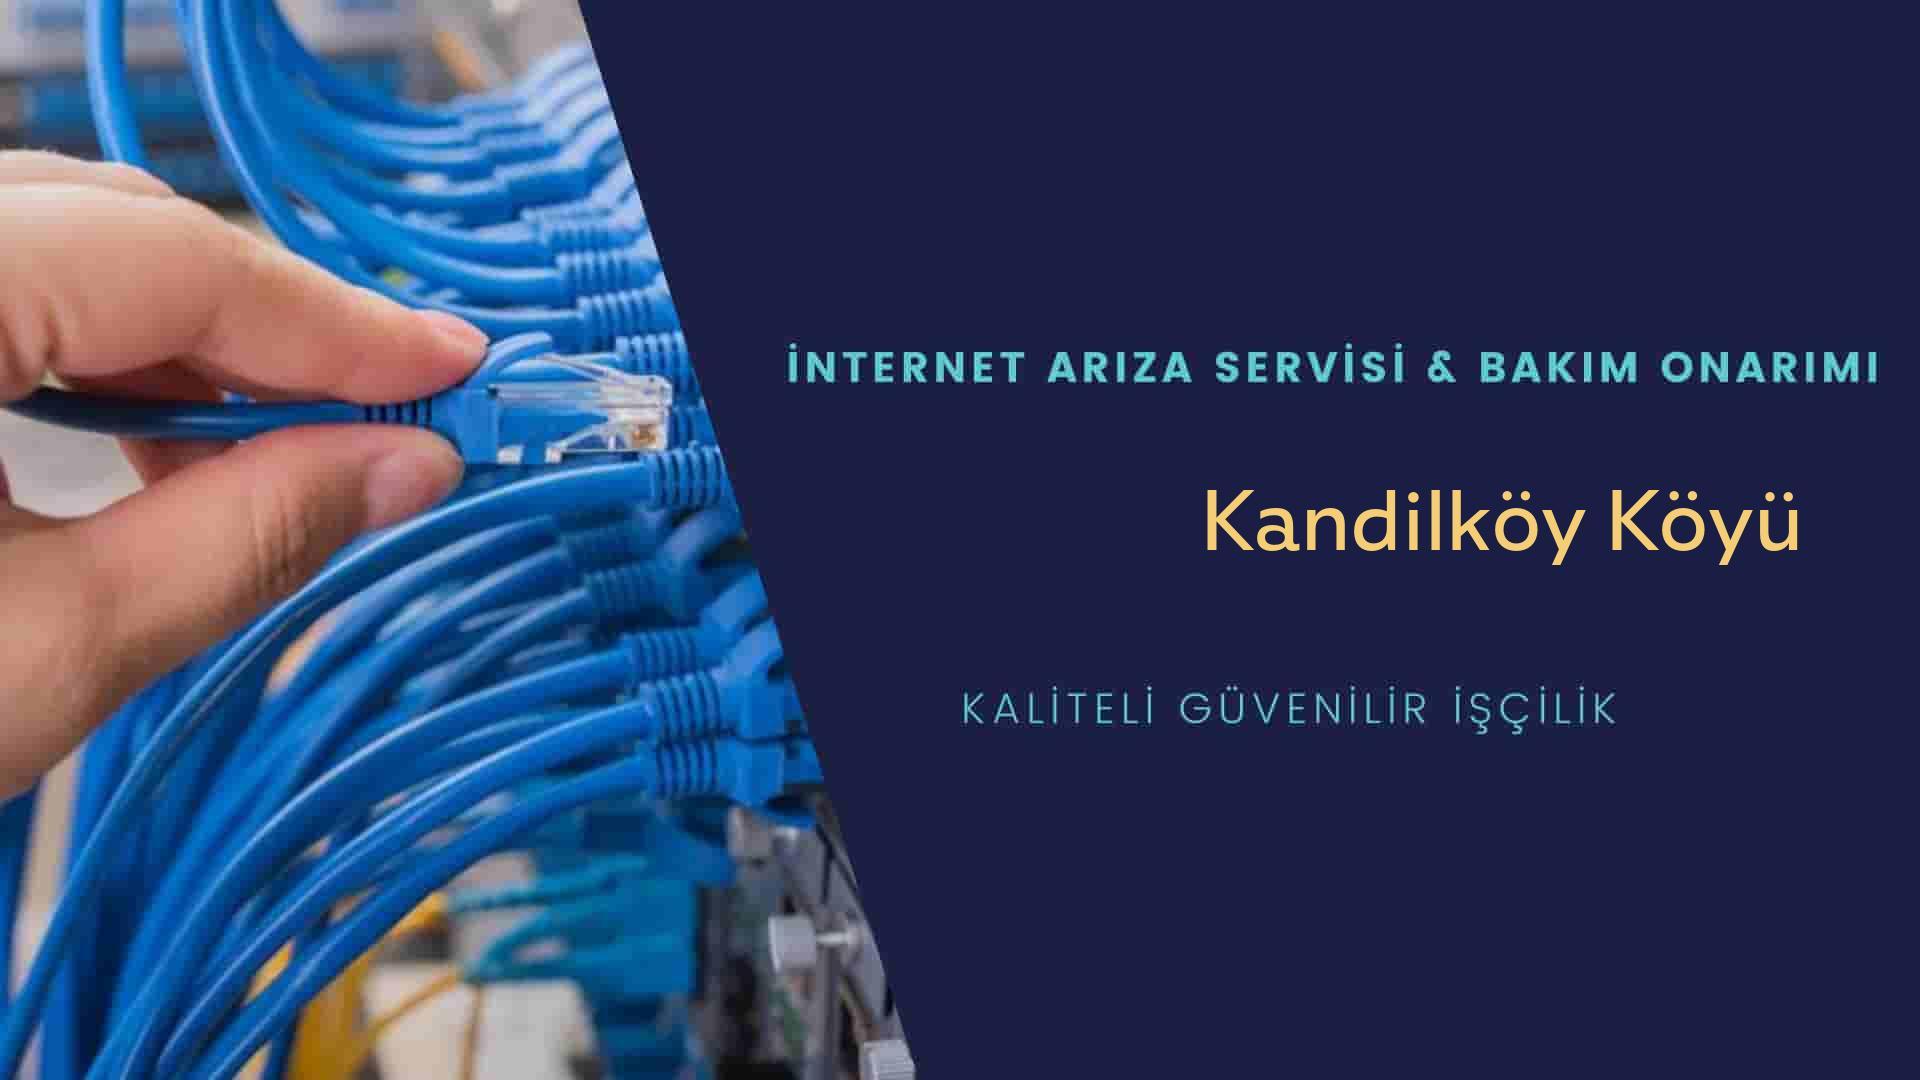 Kandilköy Köyü internet kablosu çekimi yapan yerler veya elektrikçiler mi? arıyorsunuz doğru yerdesiniz o zaman sizlere 7/24 yardımcı olacak profesyonel ustalarımız bir telefon kadar yakındır size.